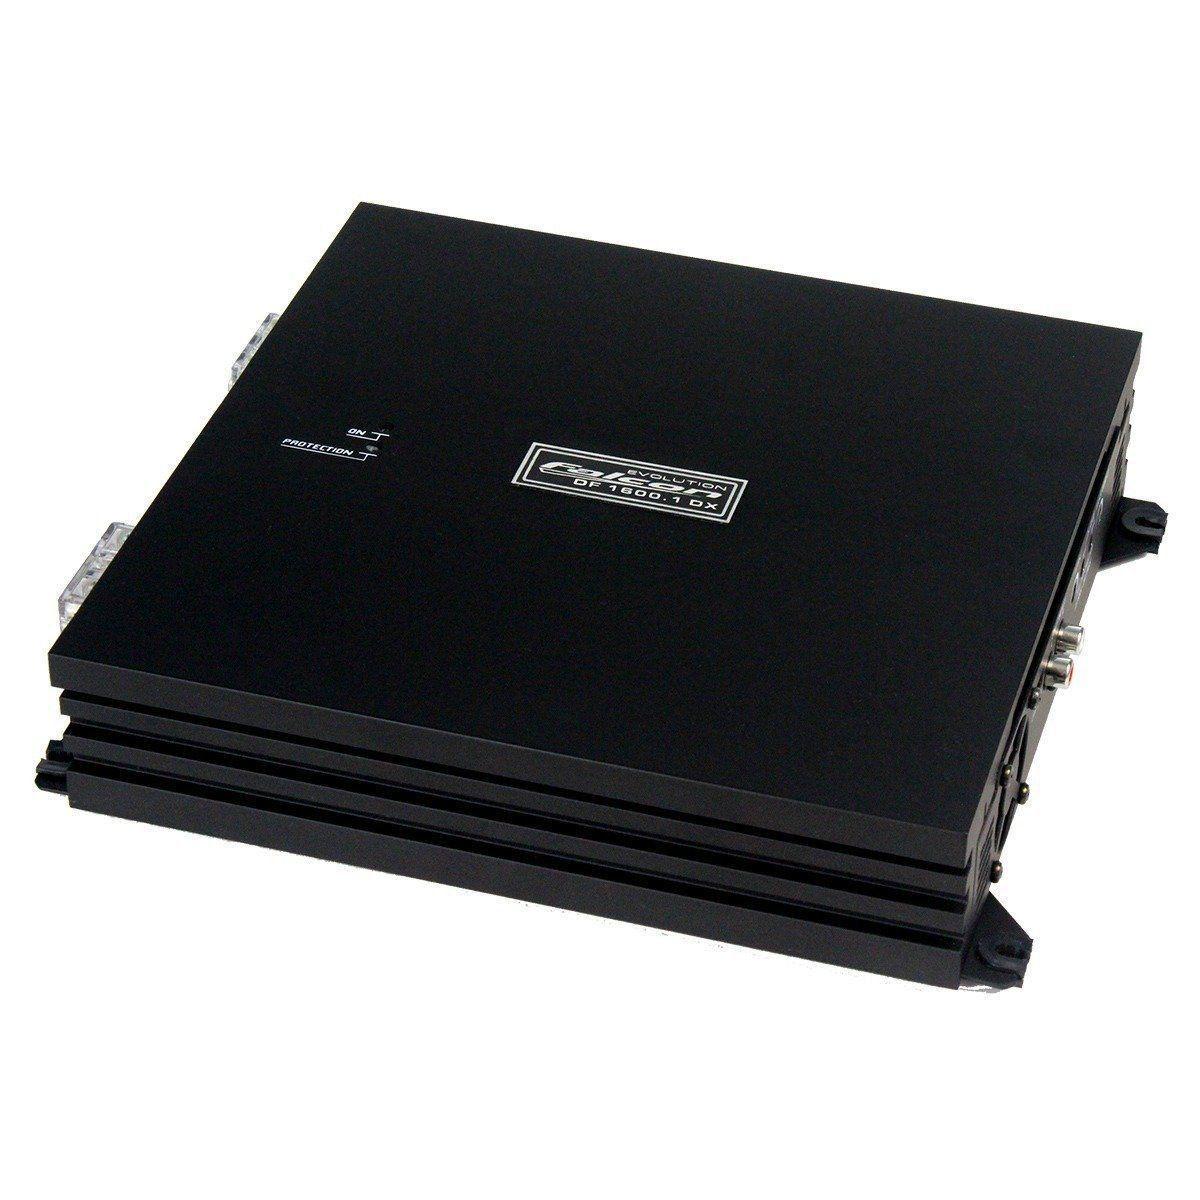 Modulo Amplificador Falcon 1600.1 Df 1 Canal 1600 Wats Rms Mono